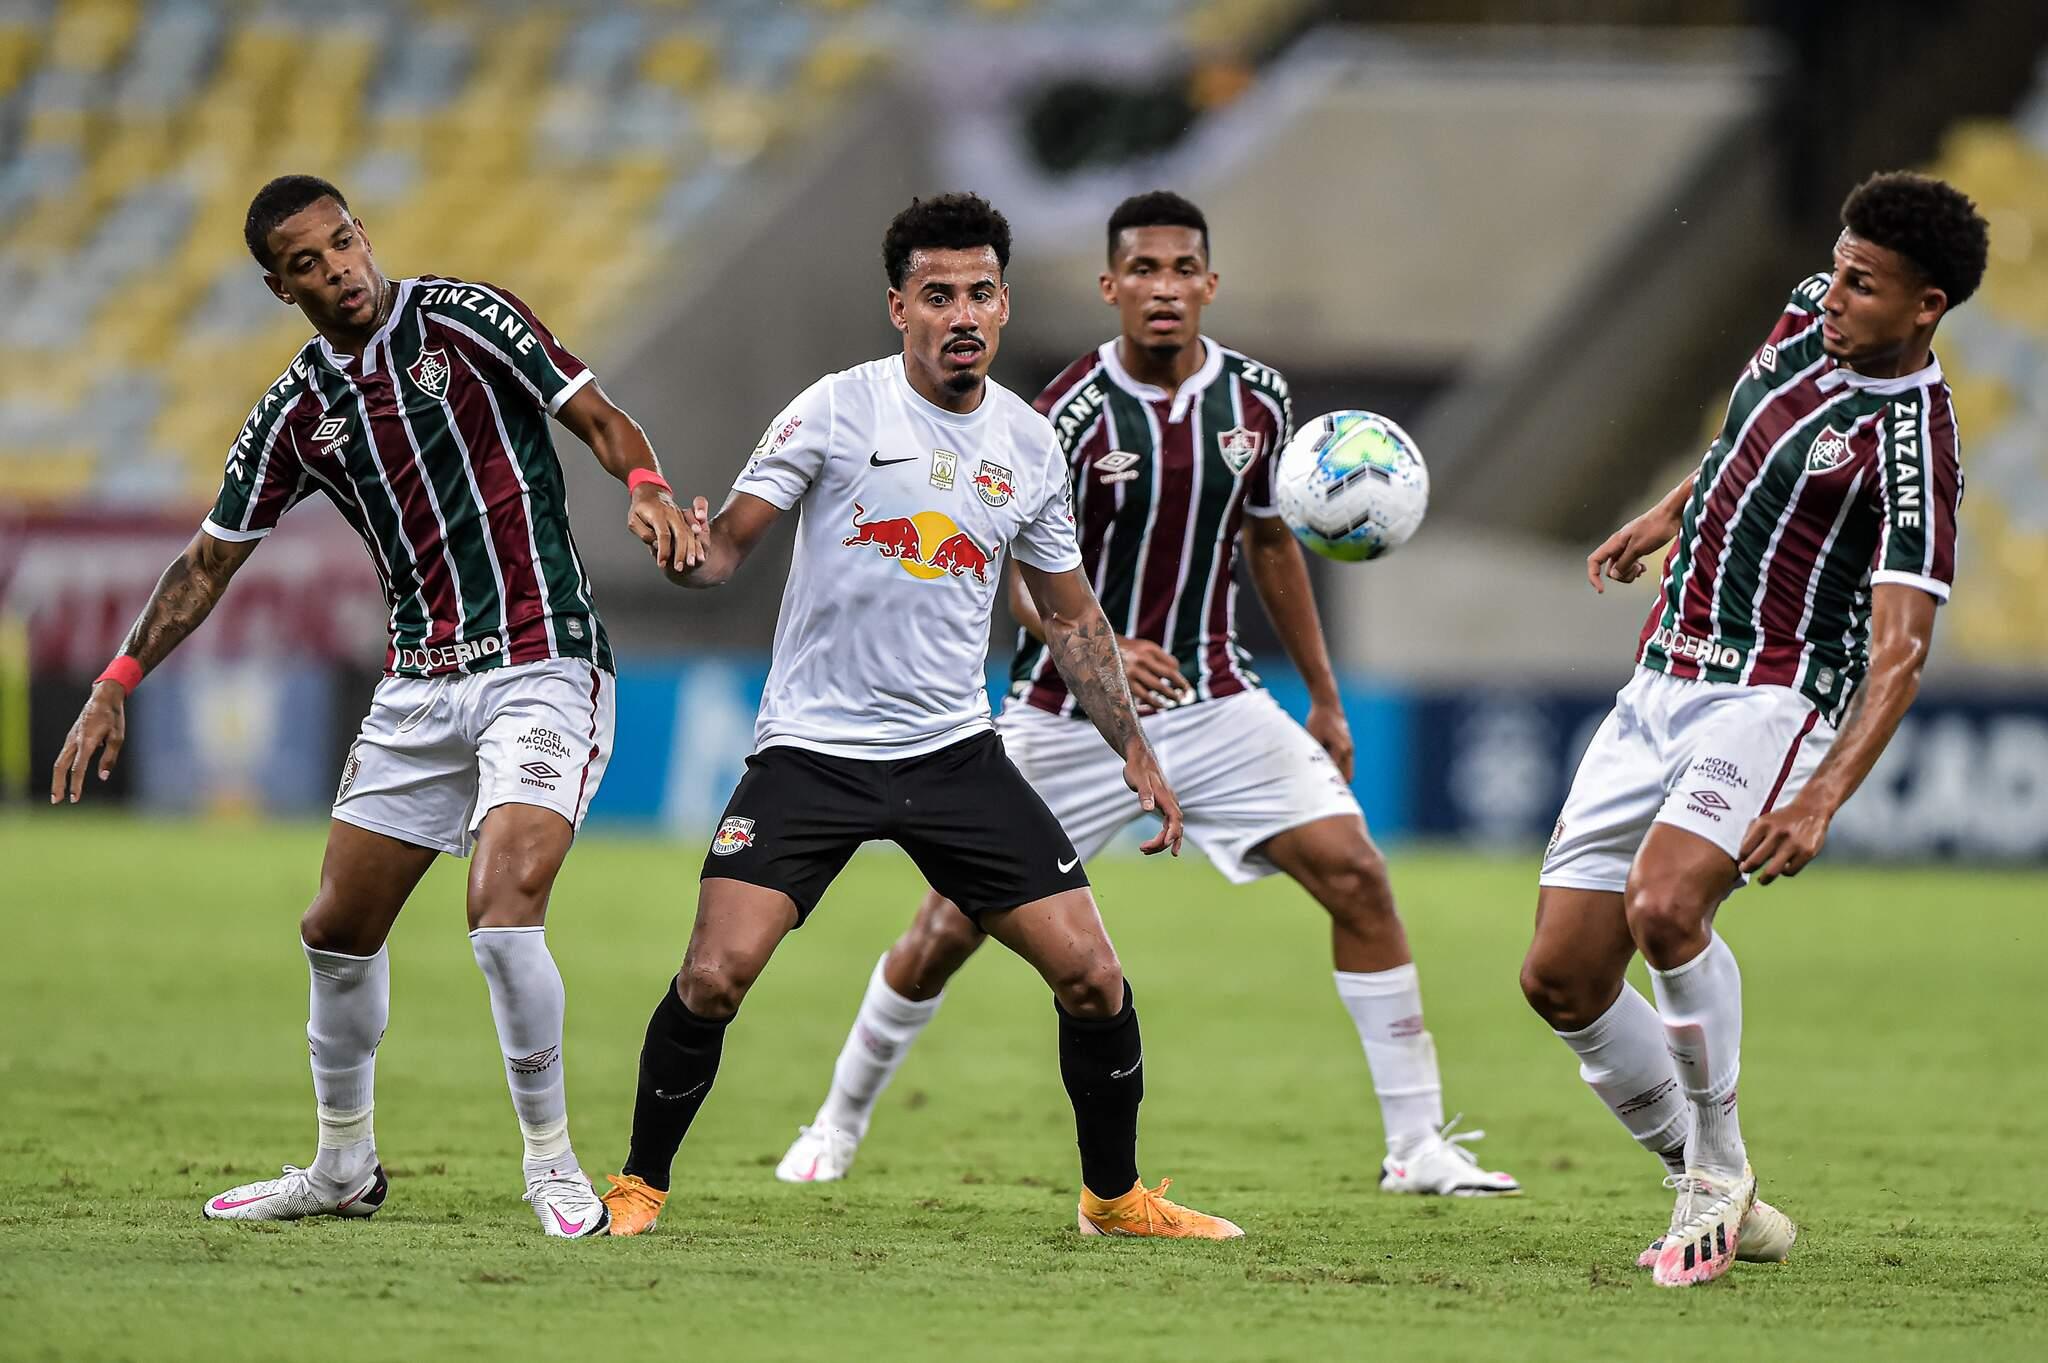 Fellipe Cardoso jogador do Fluminense disputa lance com Lucas Evangelista jogador do Bragantino durante partida no estádio Maracanã pelo campeonato Brasileiro A 2020. (Foto: Estadão Conteúdo)